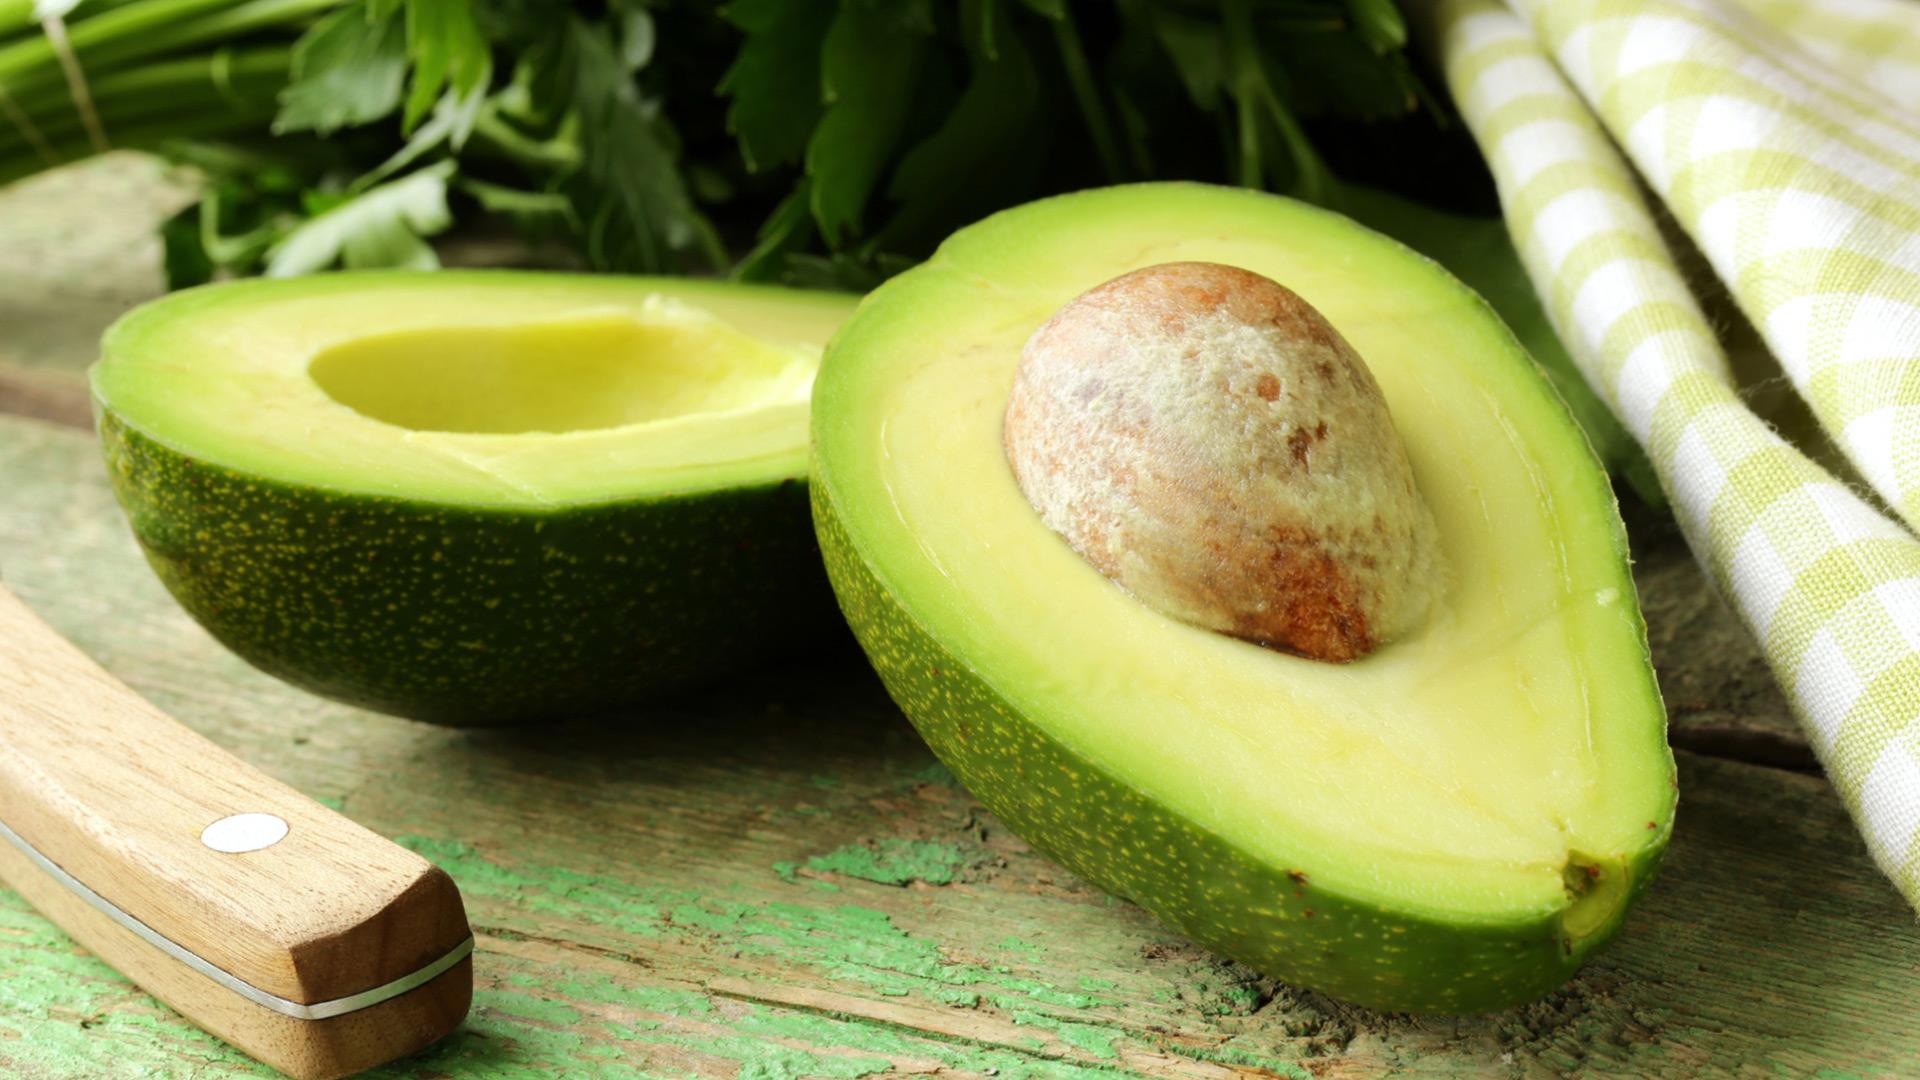 Avocados | Sheknows.com